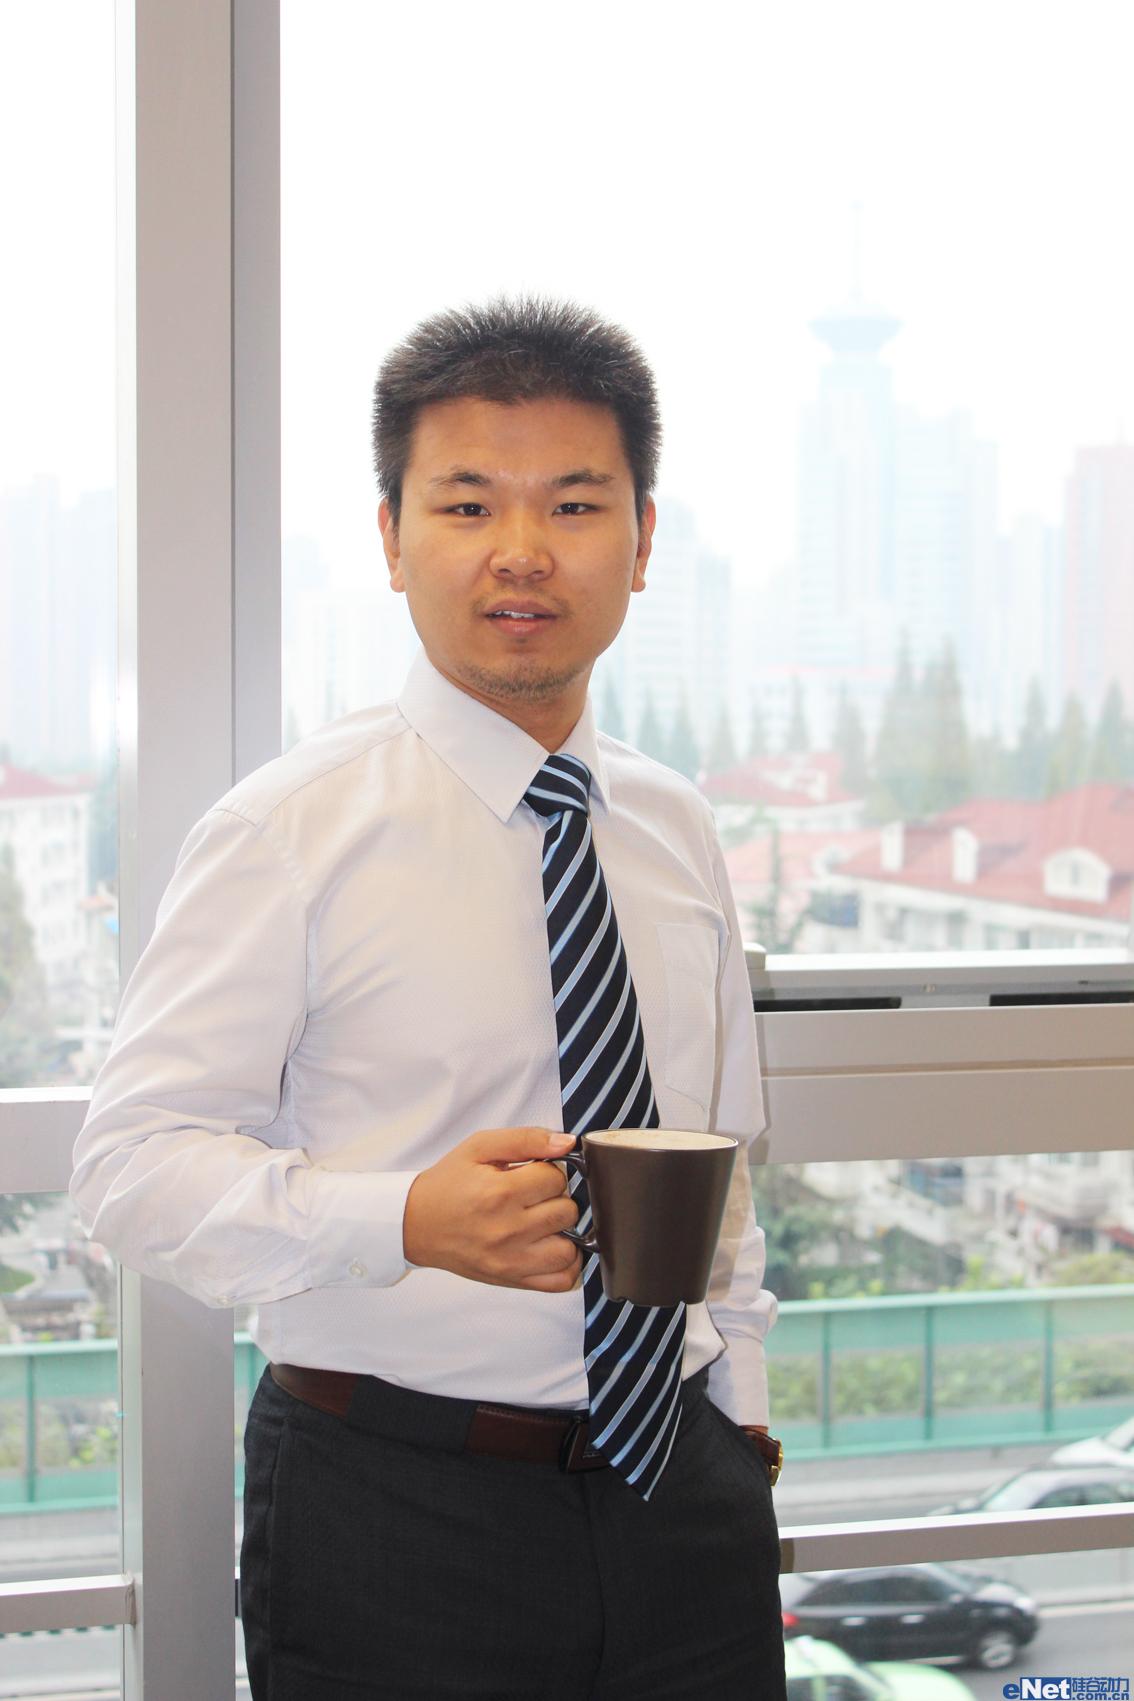 瑞金麟安士辉:整合营销,电商服务新方向